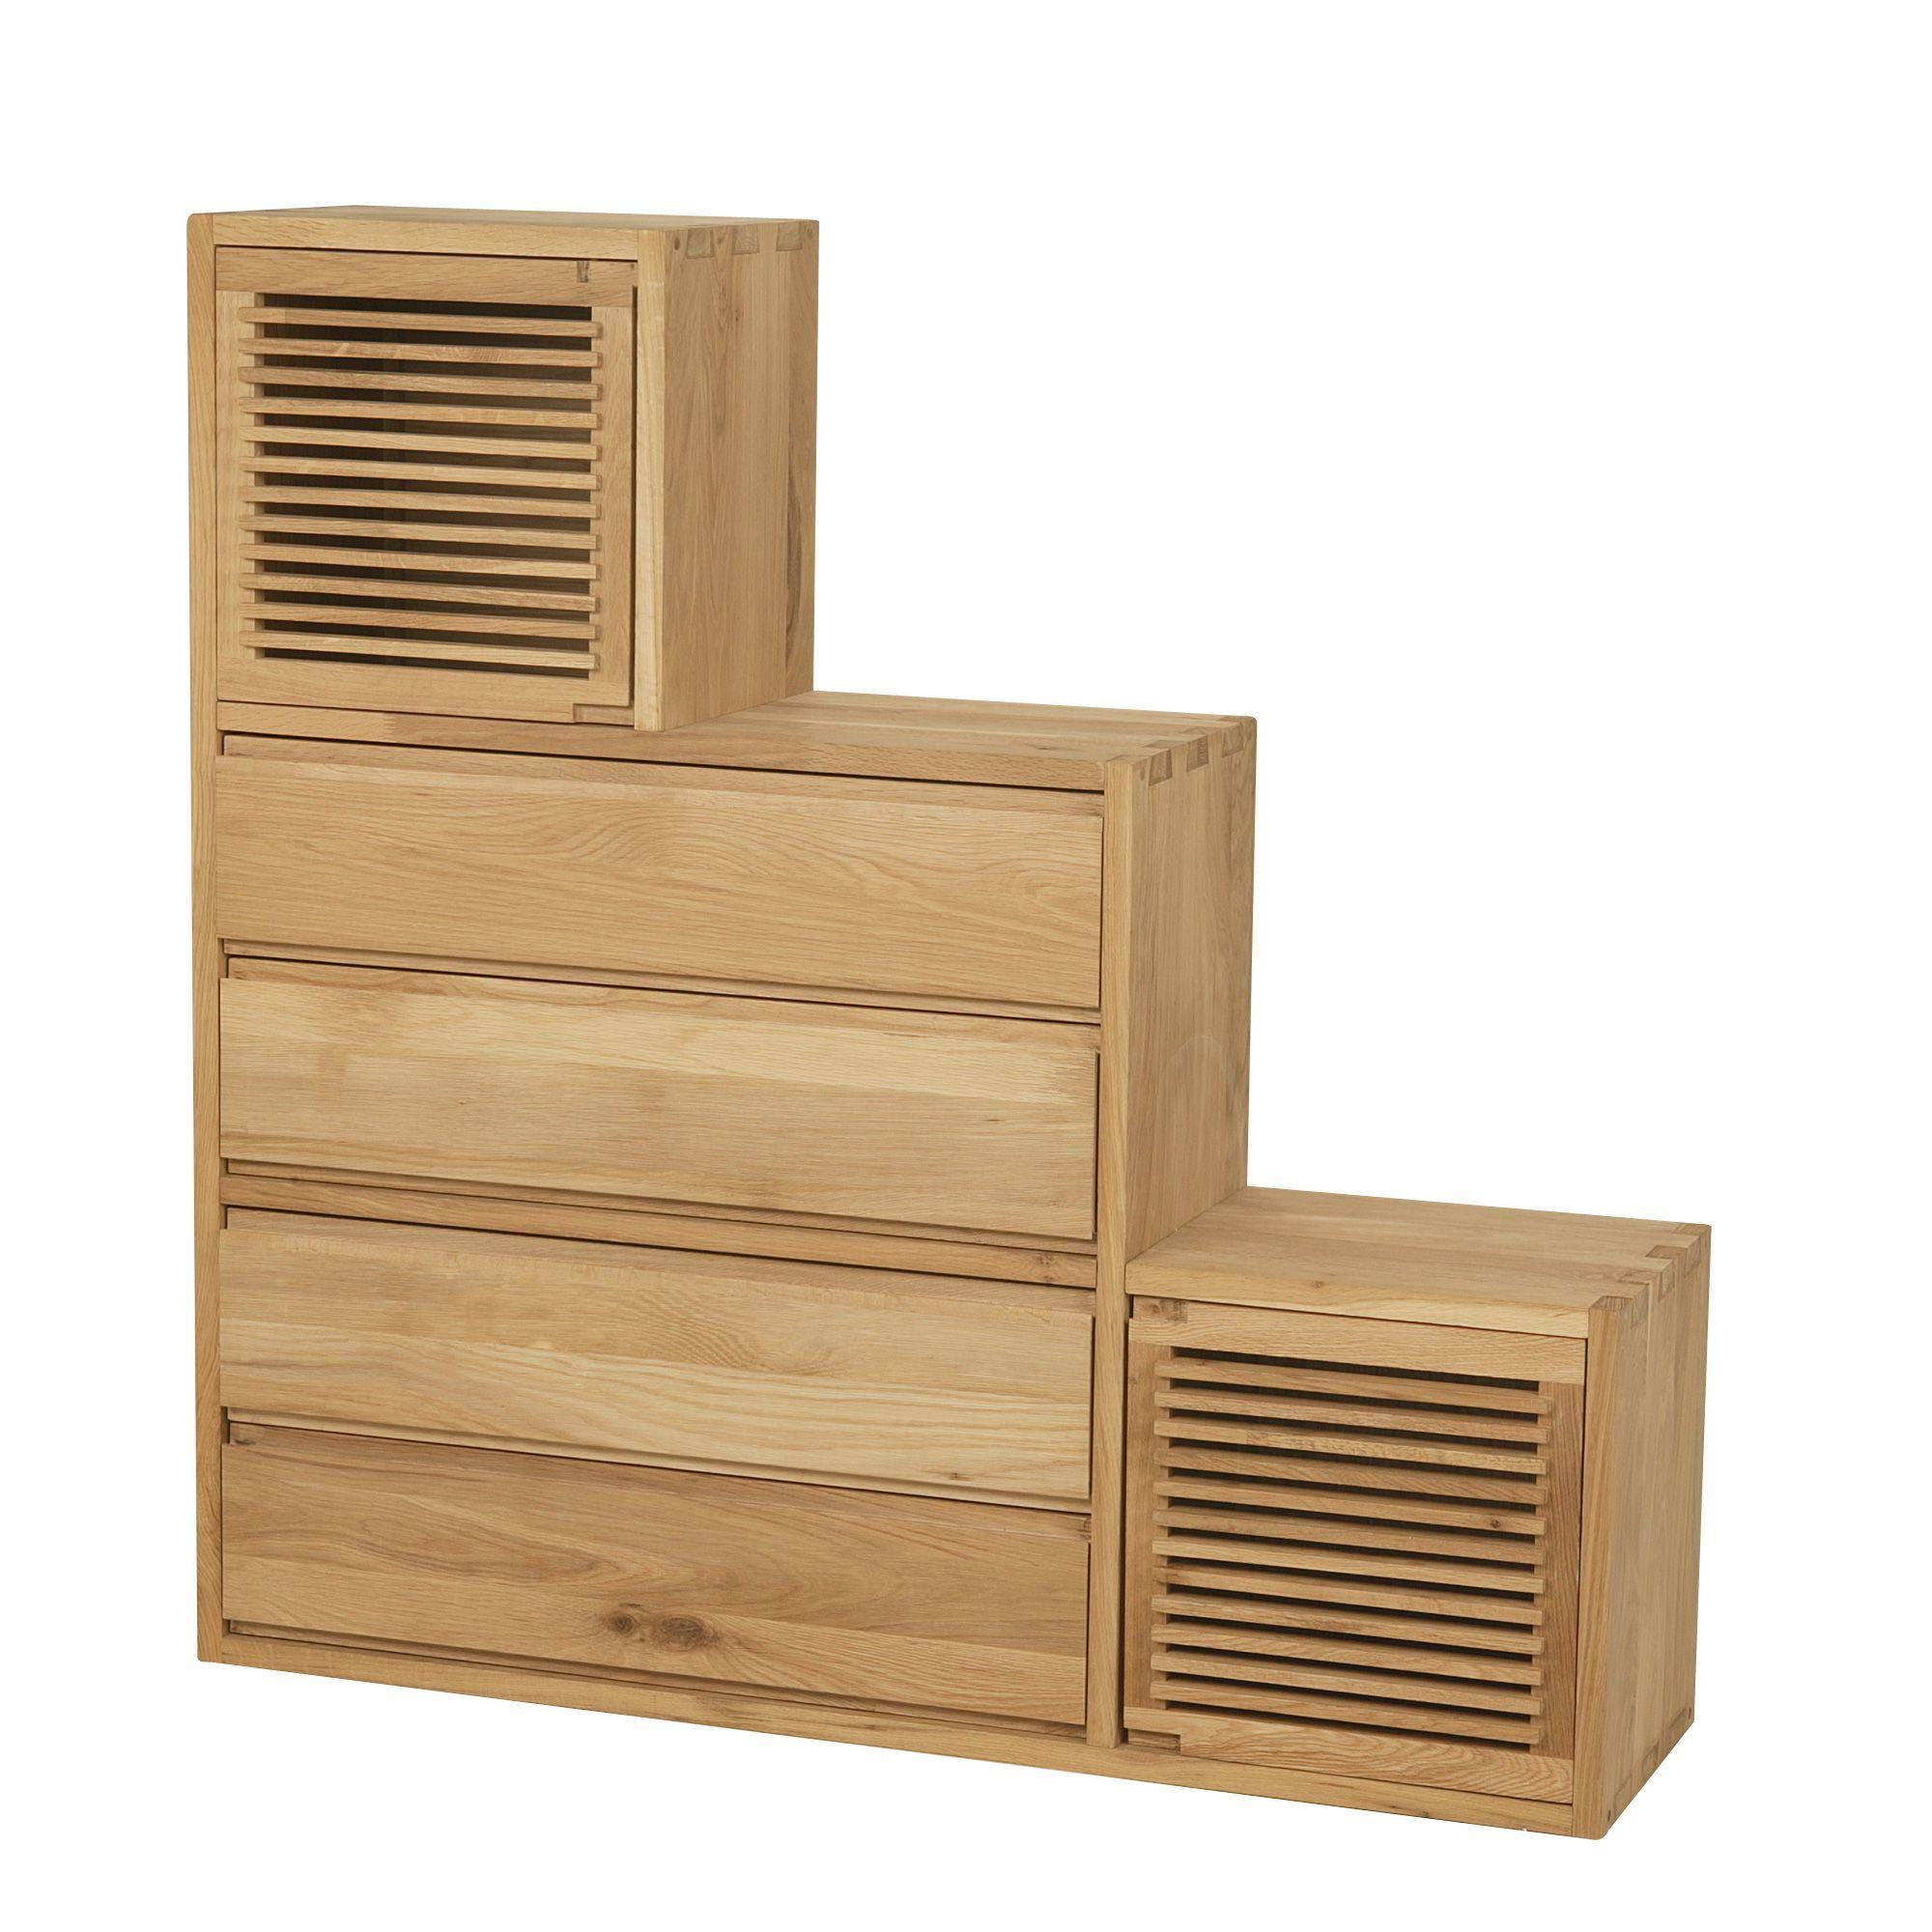 alina le spcialiste meubles et dco boutique en ligne et magasins sur toute la france conseils. Black Bedroom Furniture Sets. Home Design Ideas